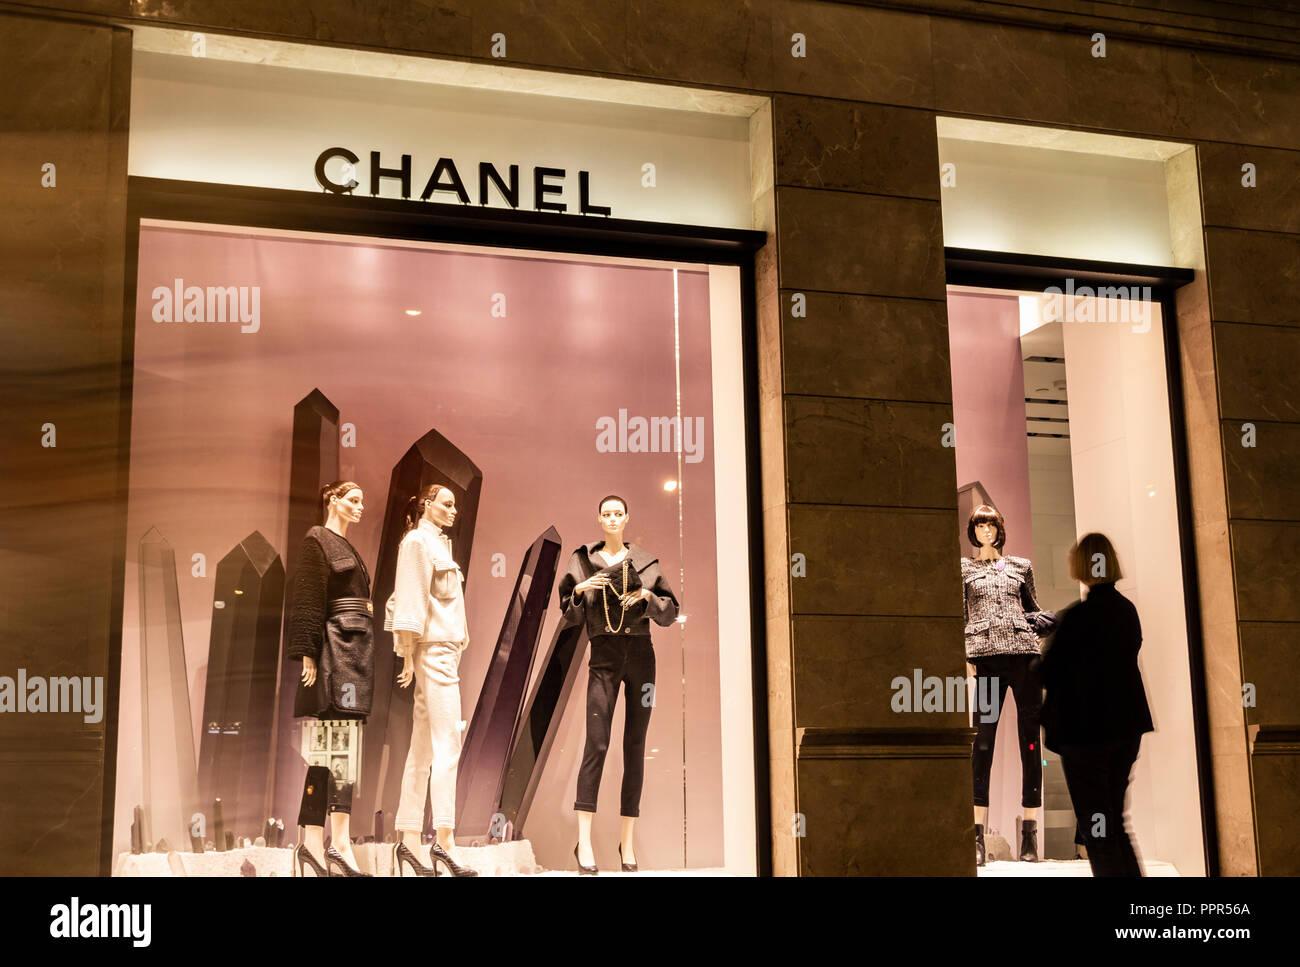 Femme à la fenêtre du magasin Chanel dans la nuit. Barcelone, Espagne Photo  Stock a0911ca4dcd